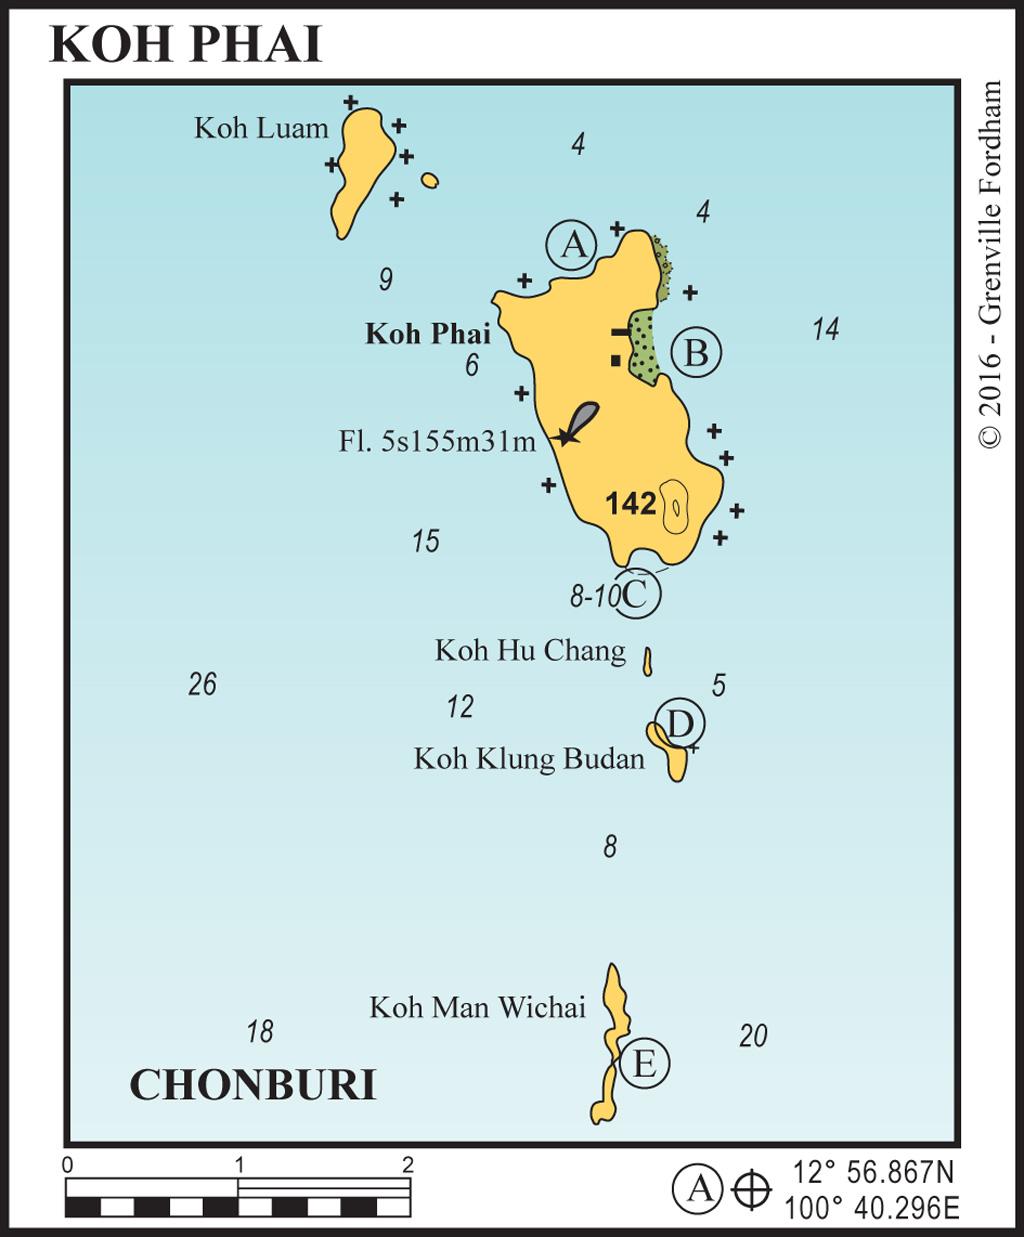 Koh Phai